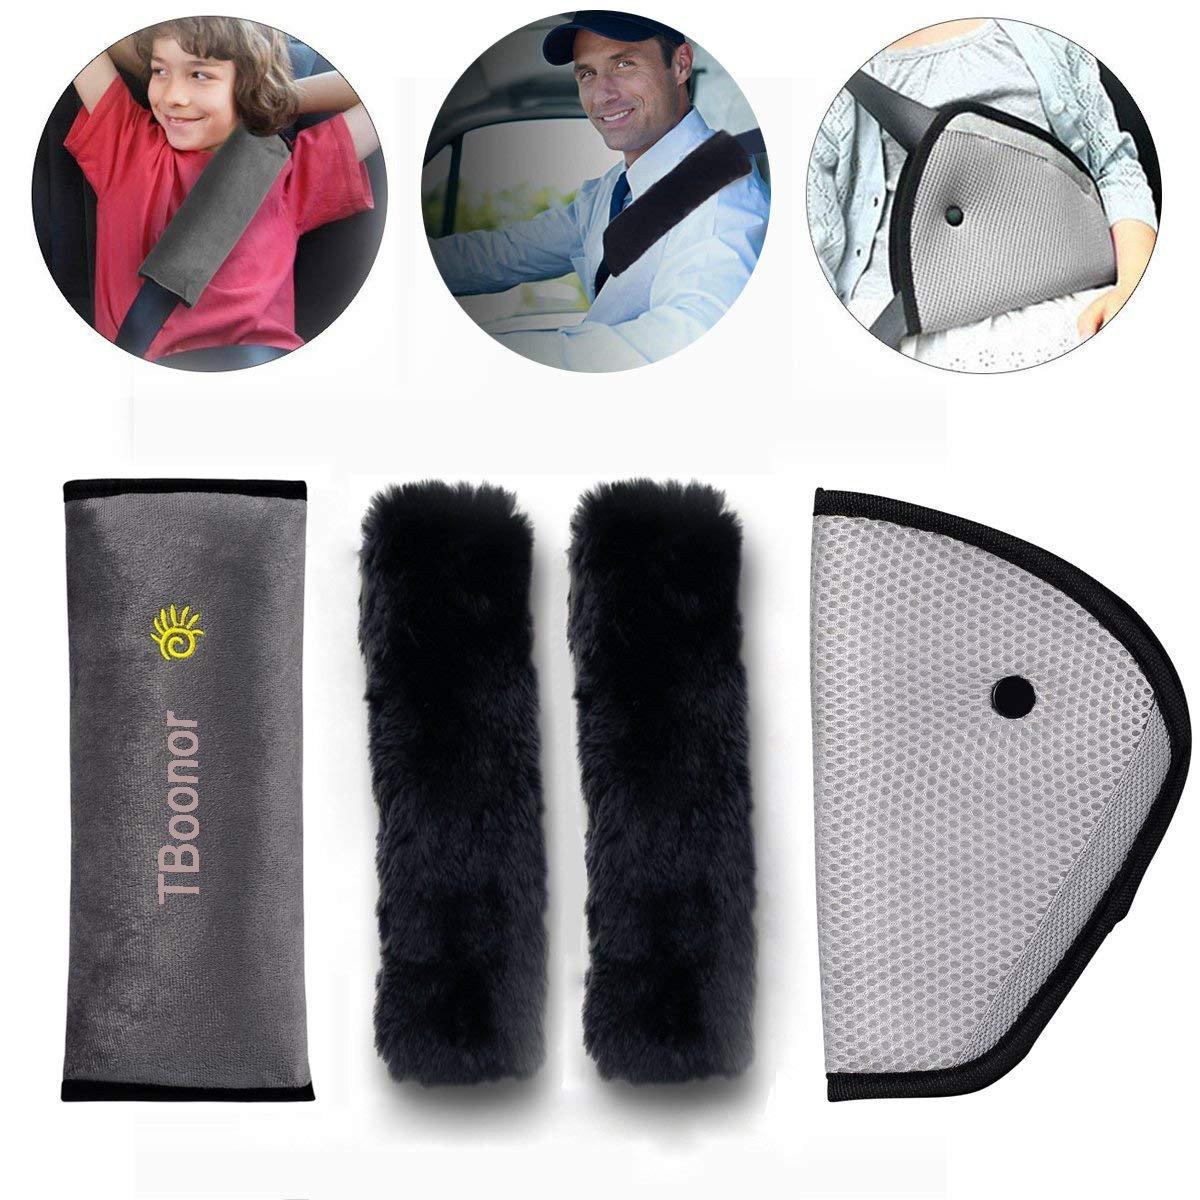 Sangle de ceinture de sécurité 3 en 1 Oreiller Amovible+Voiture Ceinture de Sécurité+ Coussinets d'Epaule de Voiture Adaptateur Ceinture Securite Enfant Coussin Support de Cou Amovible Auto Voiture Boonor